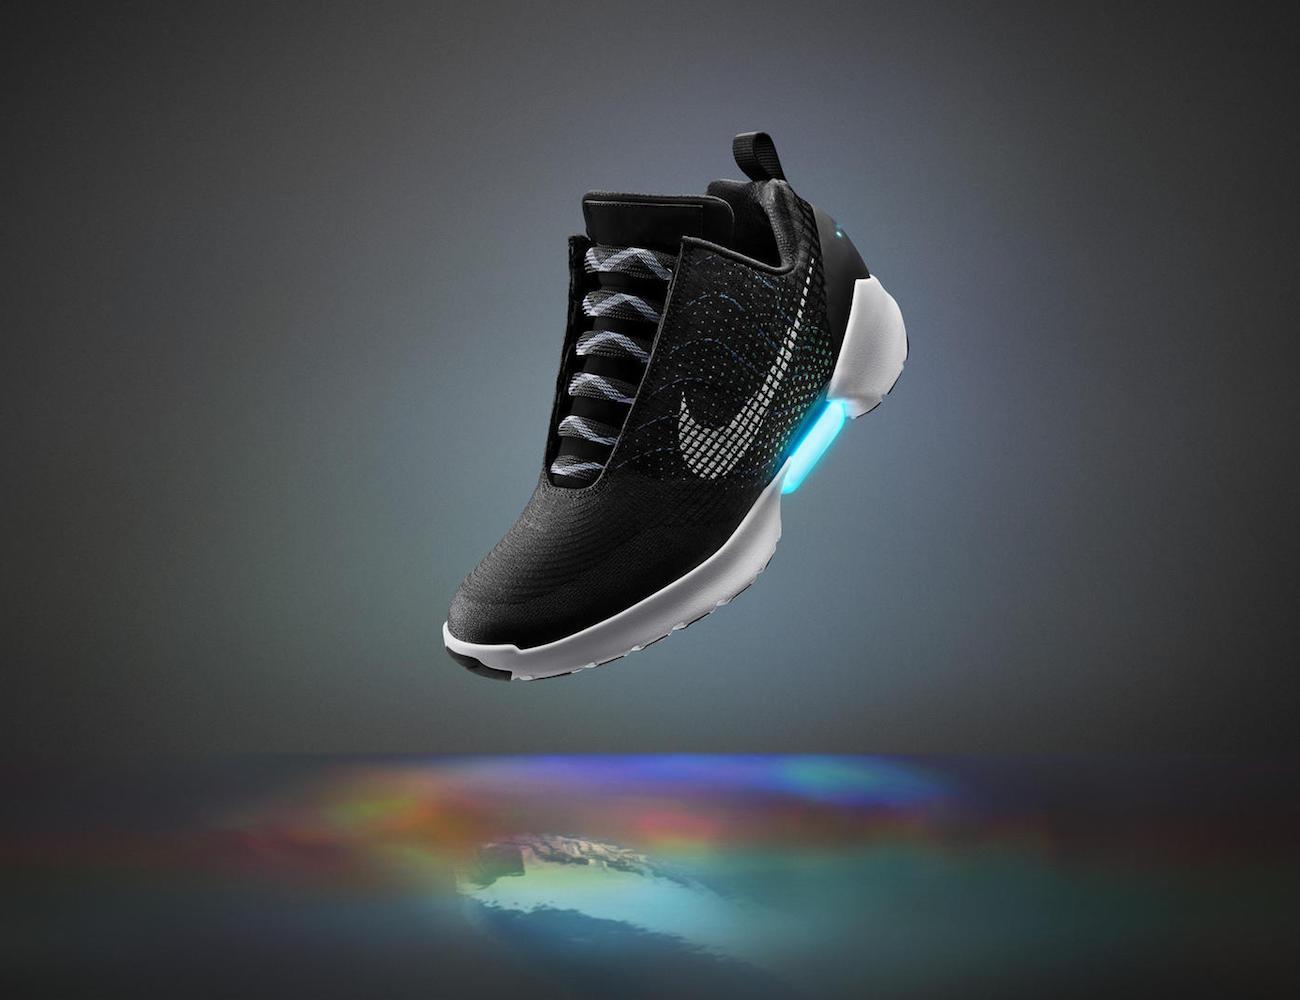 hyperadapt-self-tying-sneakers-by-nike-01